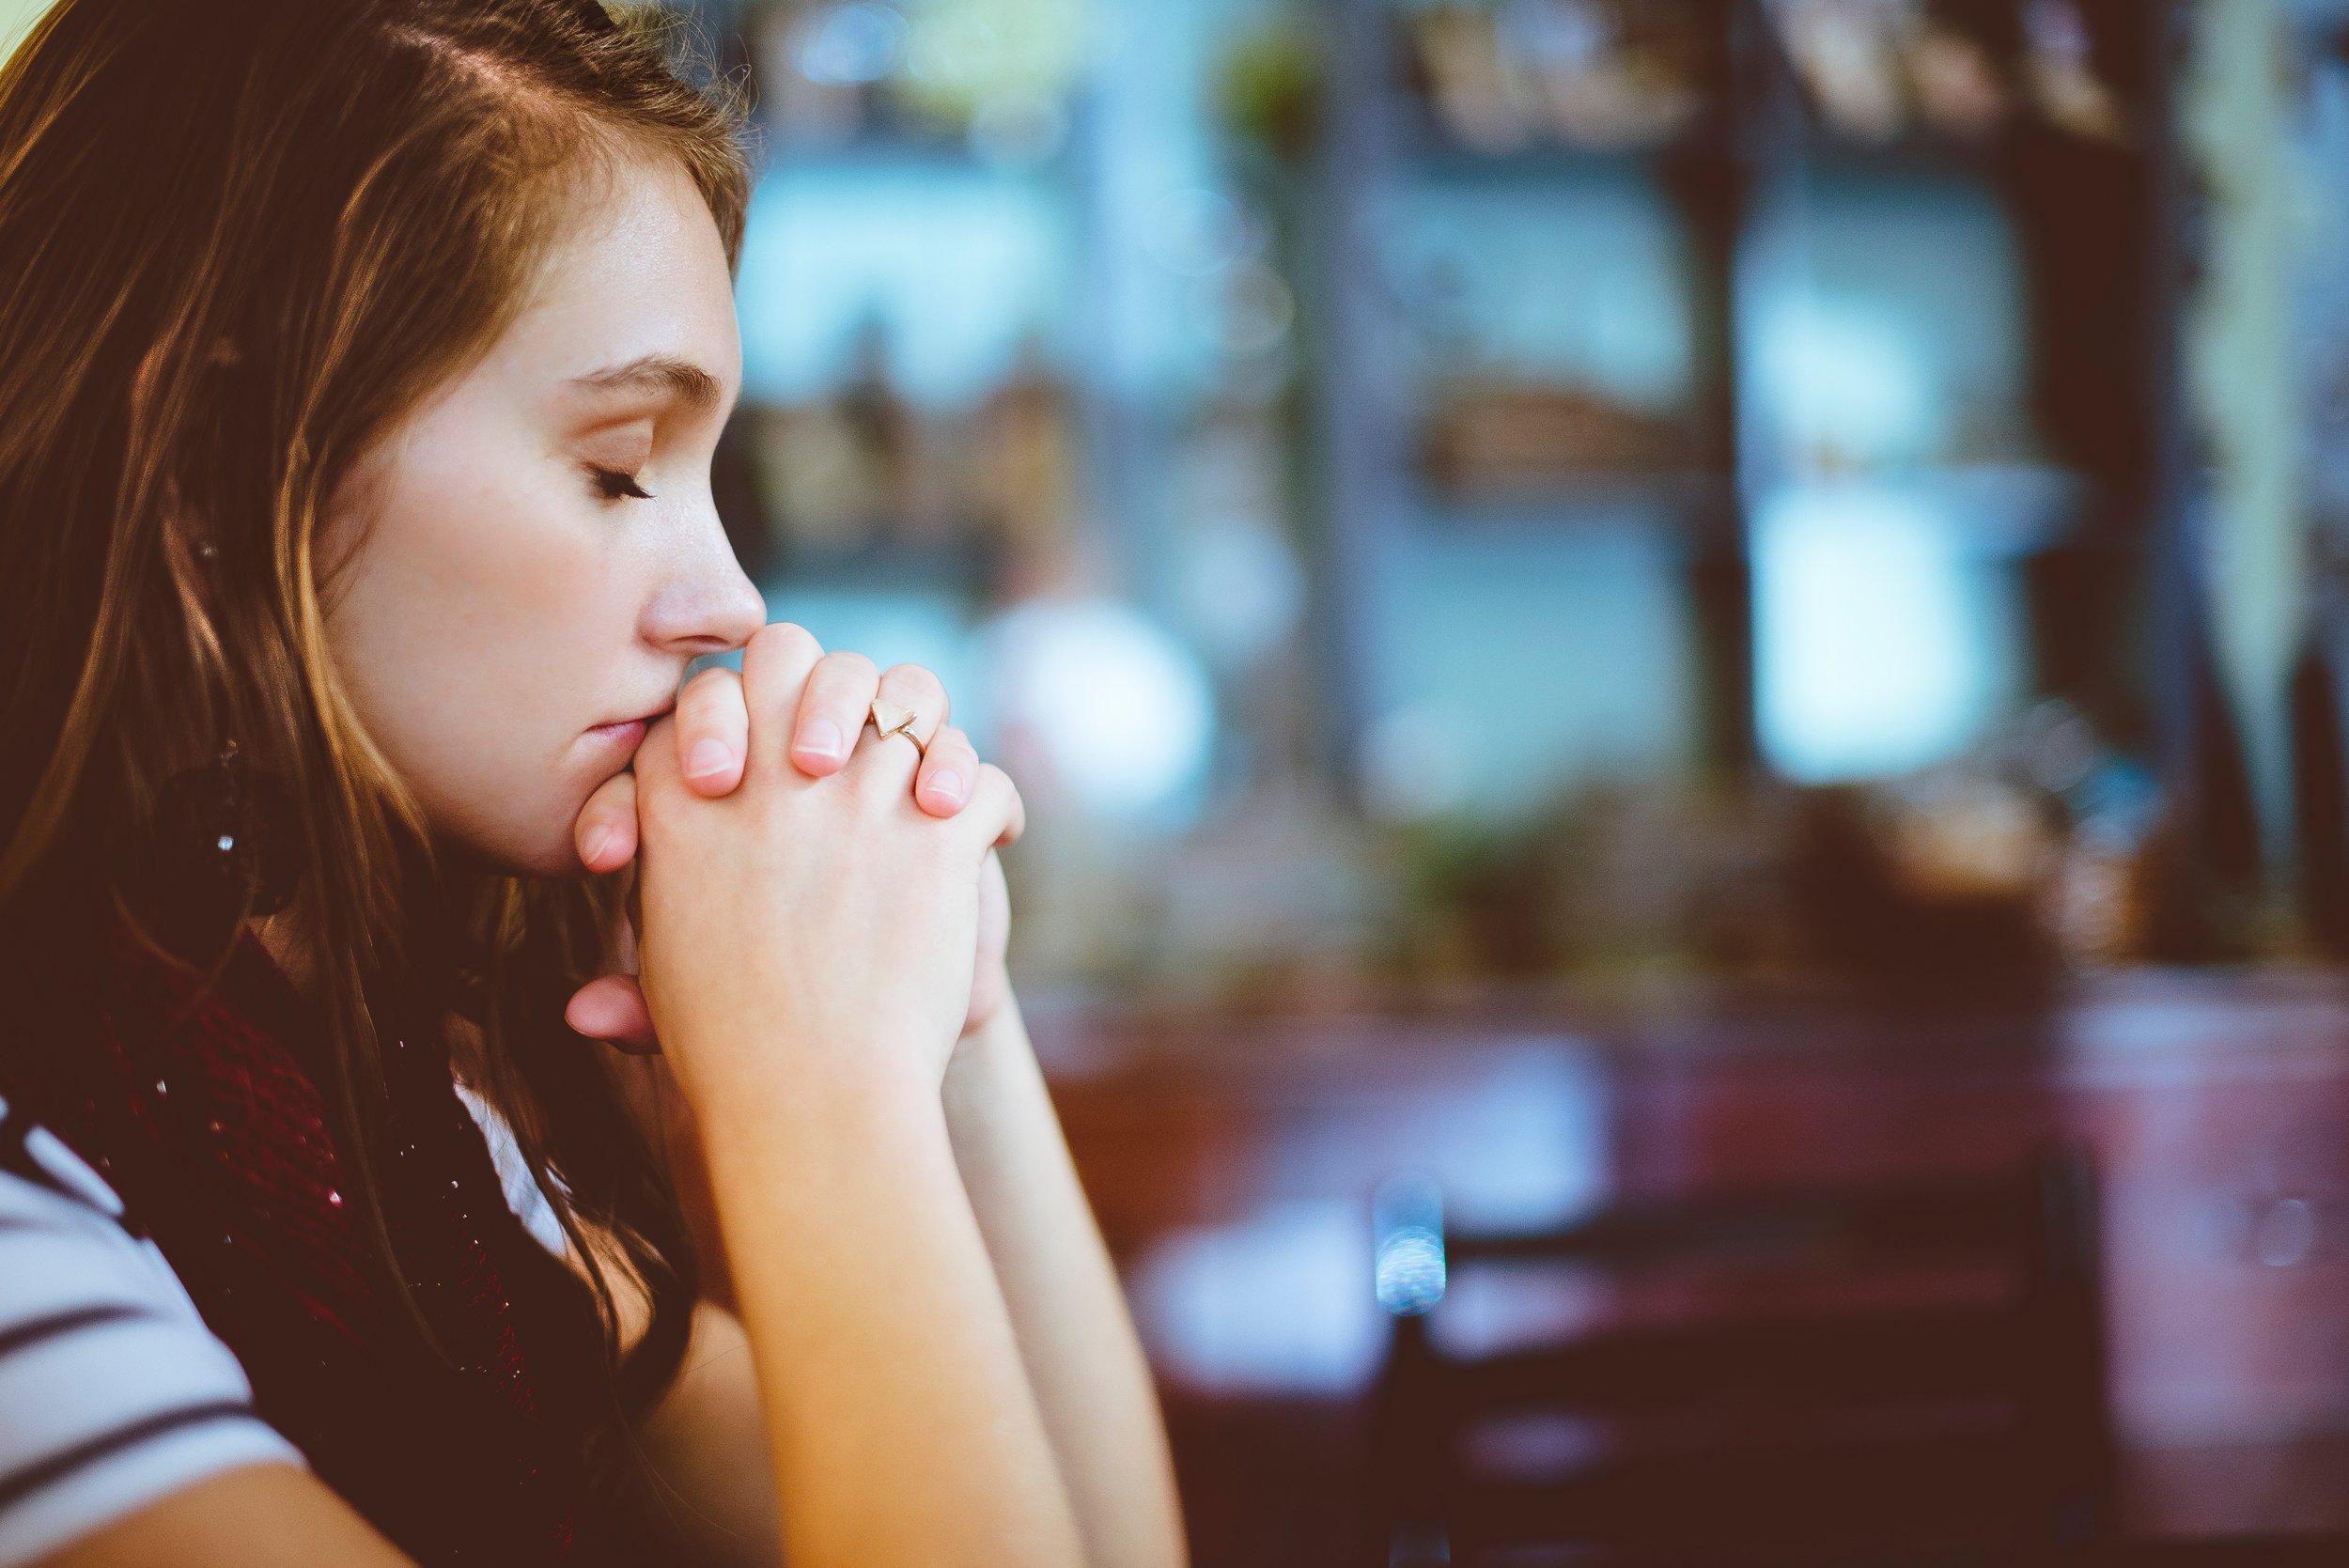 depressed girl.jpg